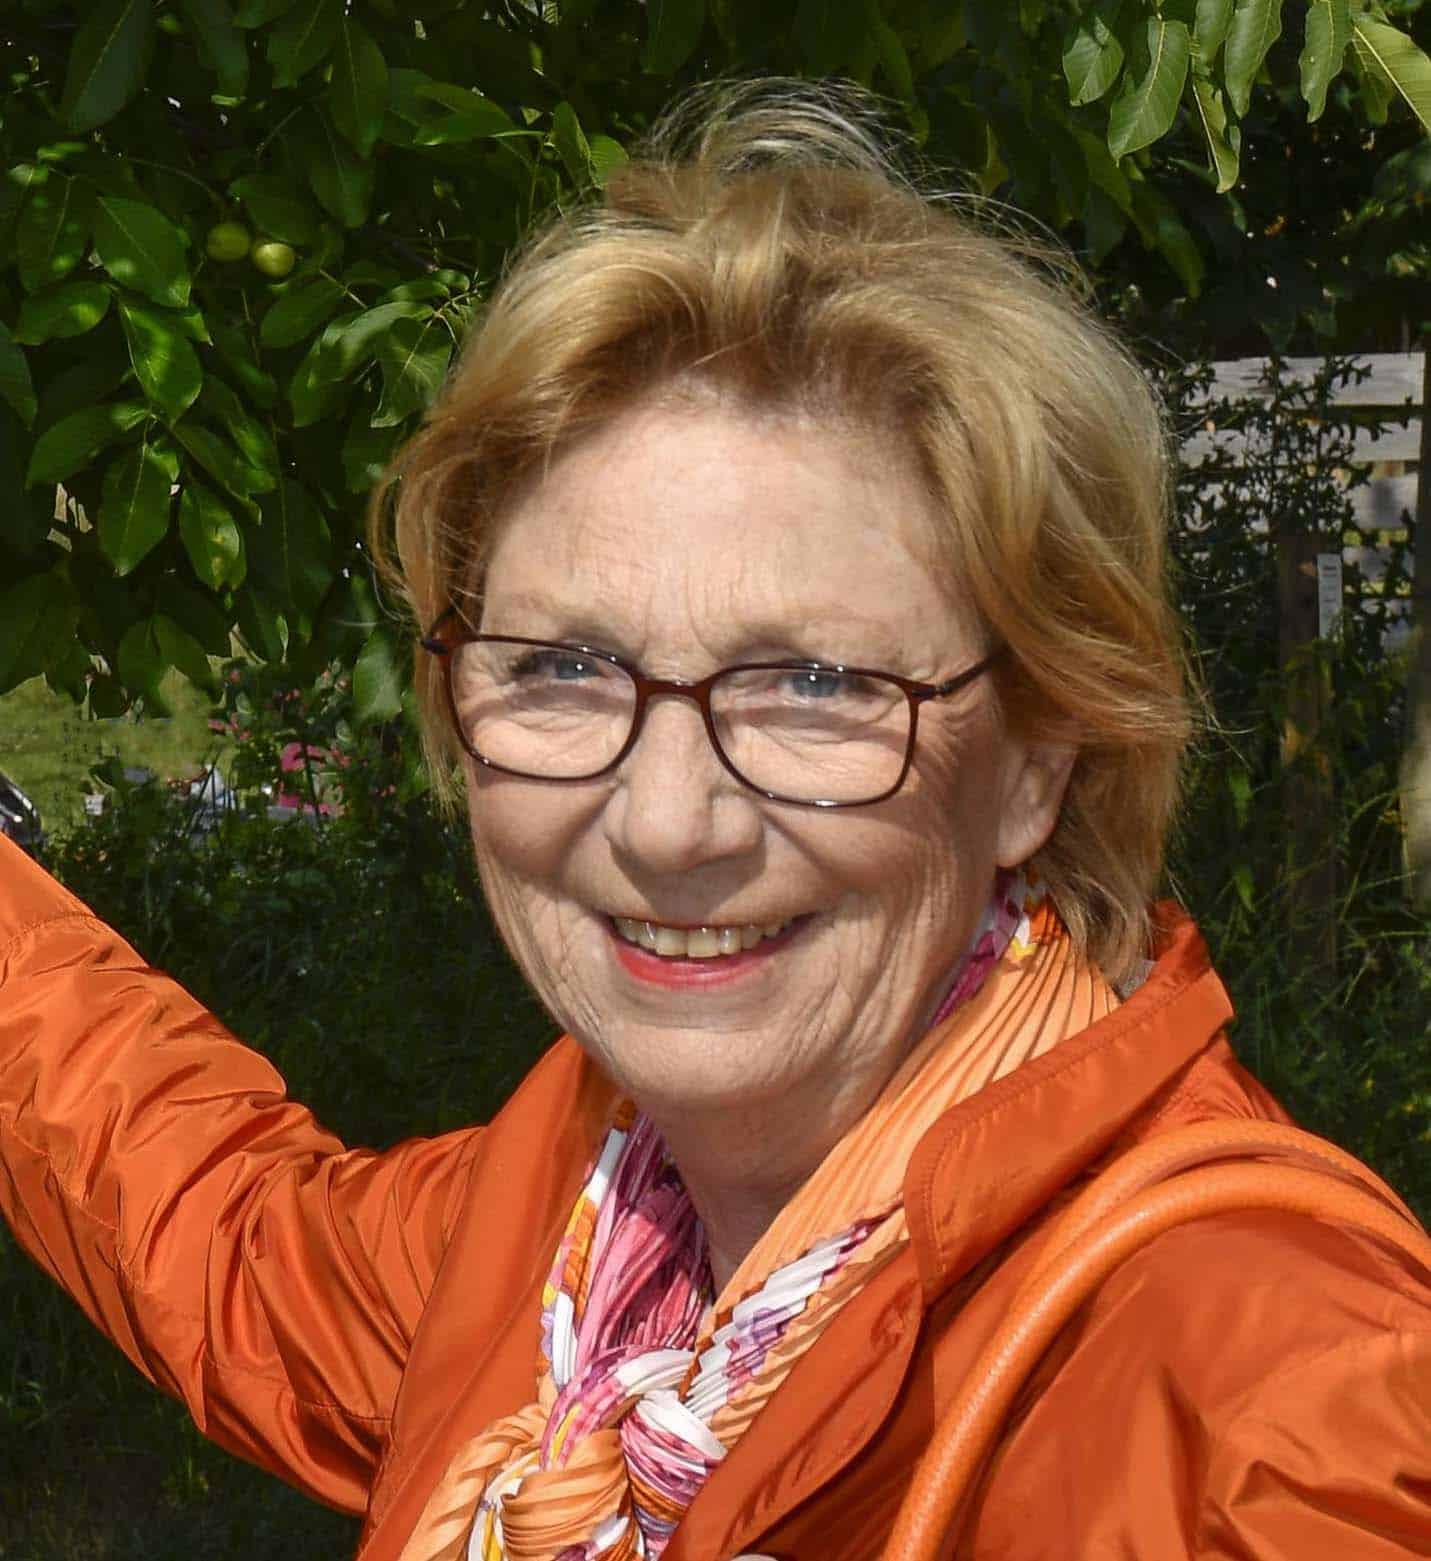 Erika Still-Hackel Gemeinschaftstiftung Stiftung Mein Augsburg Stiftungsrat Foto: Andreas Zilse